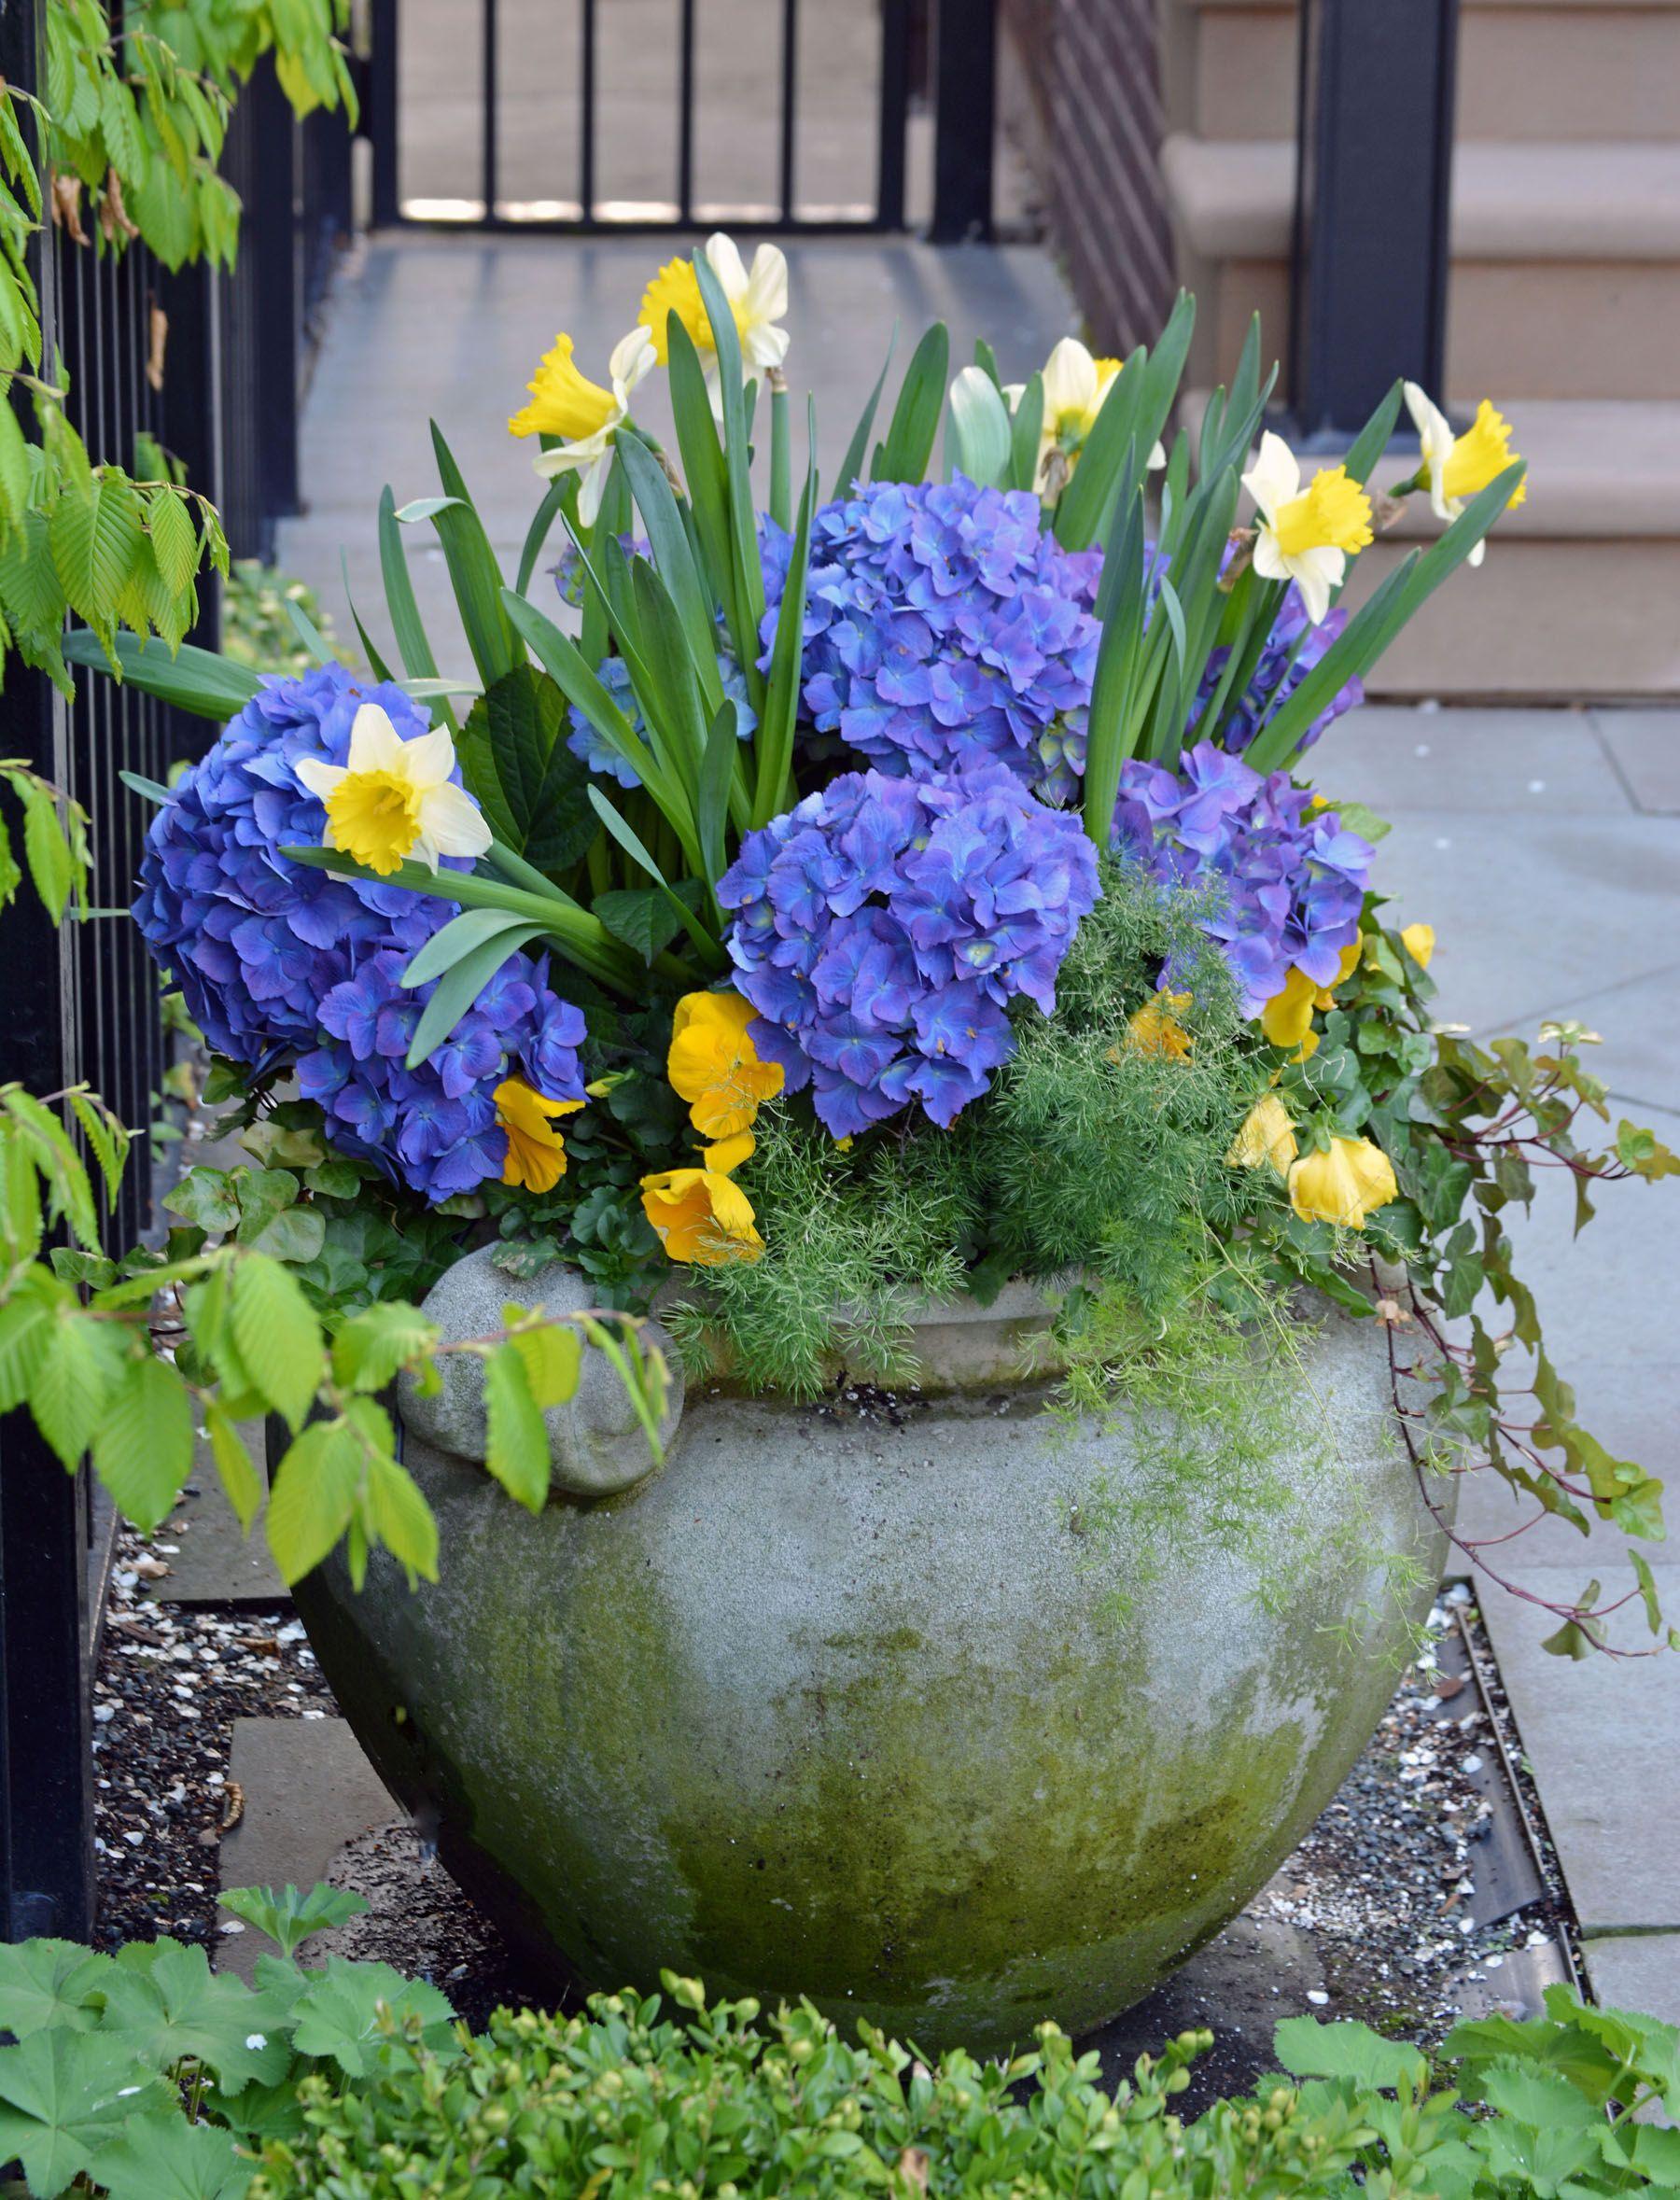 Urban gardening planters - Spring Annuals Planter Container Urban Garden Landscape Design Ideas